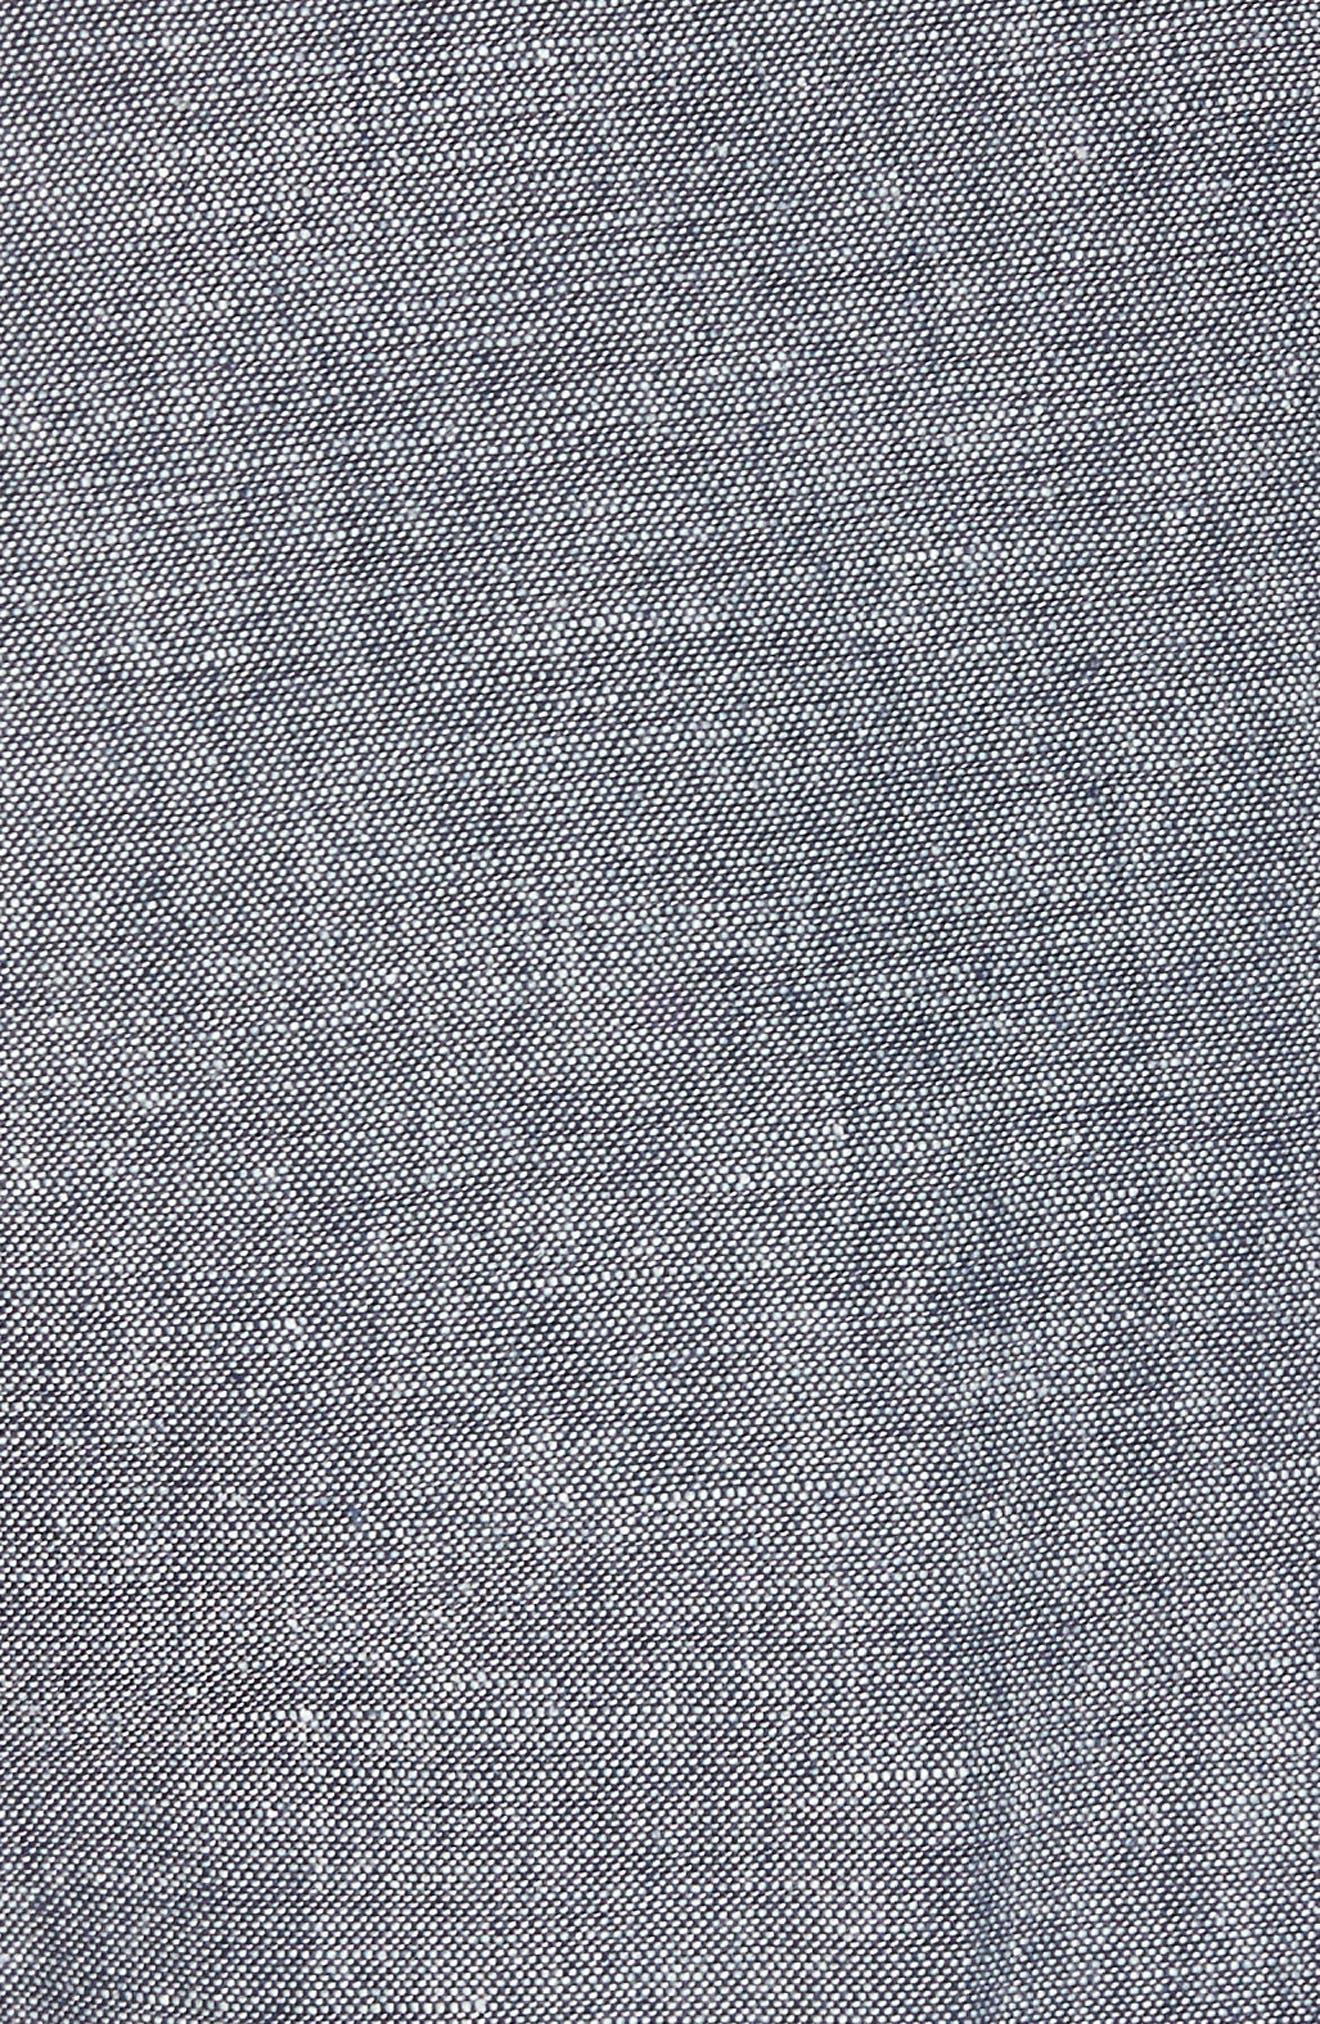 Ludlow Trim Fit Cotton & Linen Suit Pants,                             Alternate thumbnail 5, color,                             Deep Water Blue